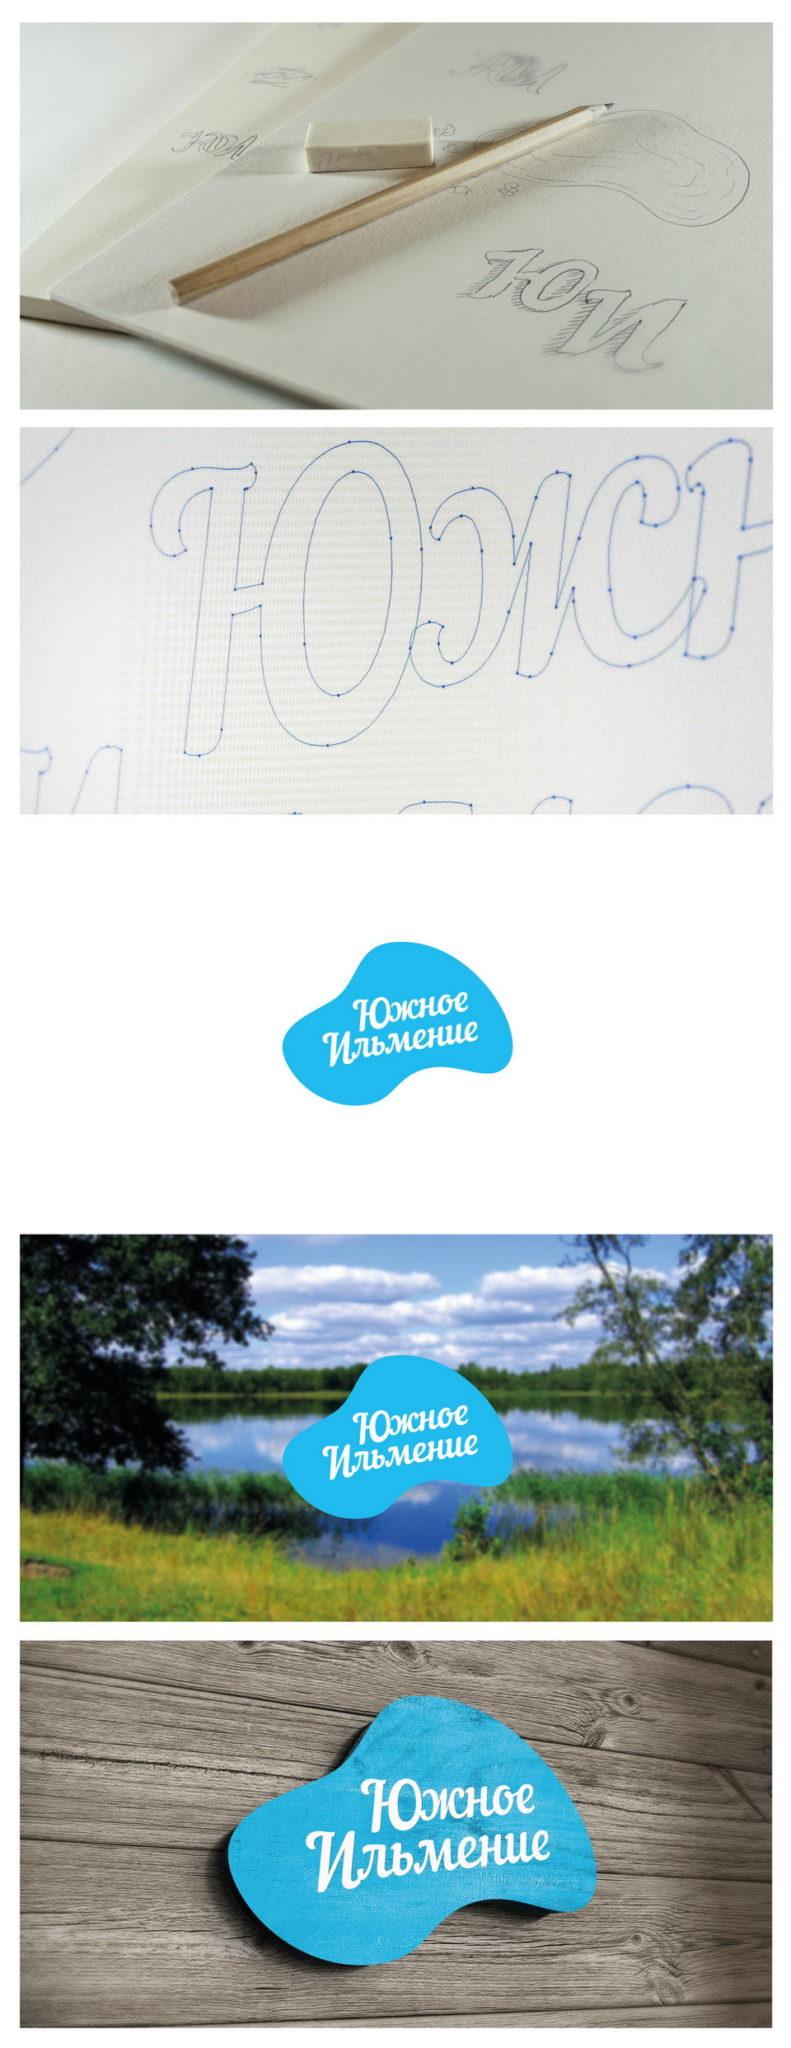 Логотип, фирменный стиль, деловая документация, руководство по использованию логотипа, Южное Ильмение